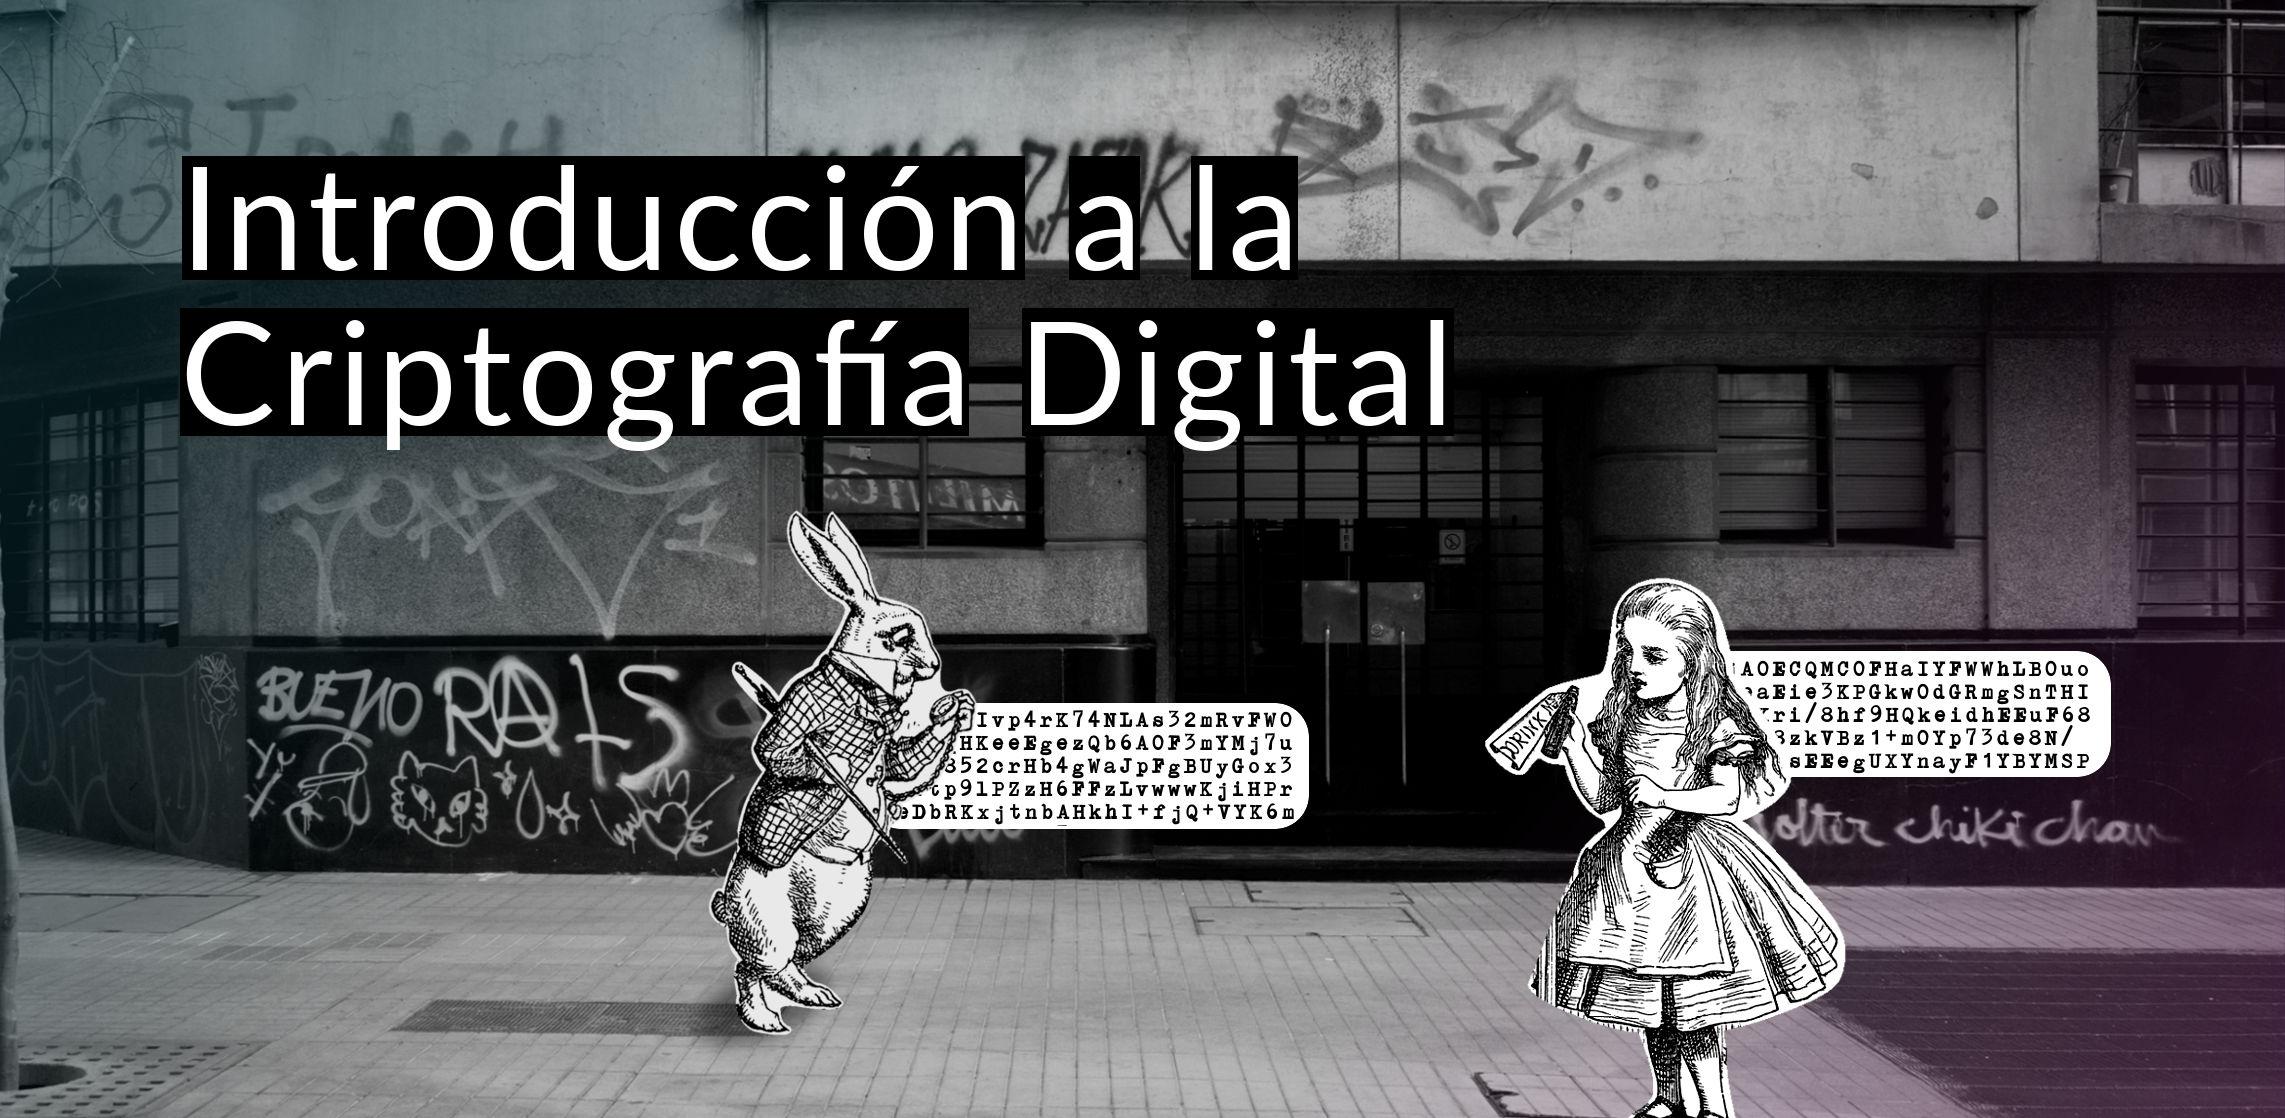 Alicia Conejor Criptografía Digital